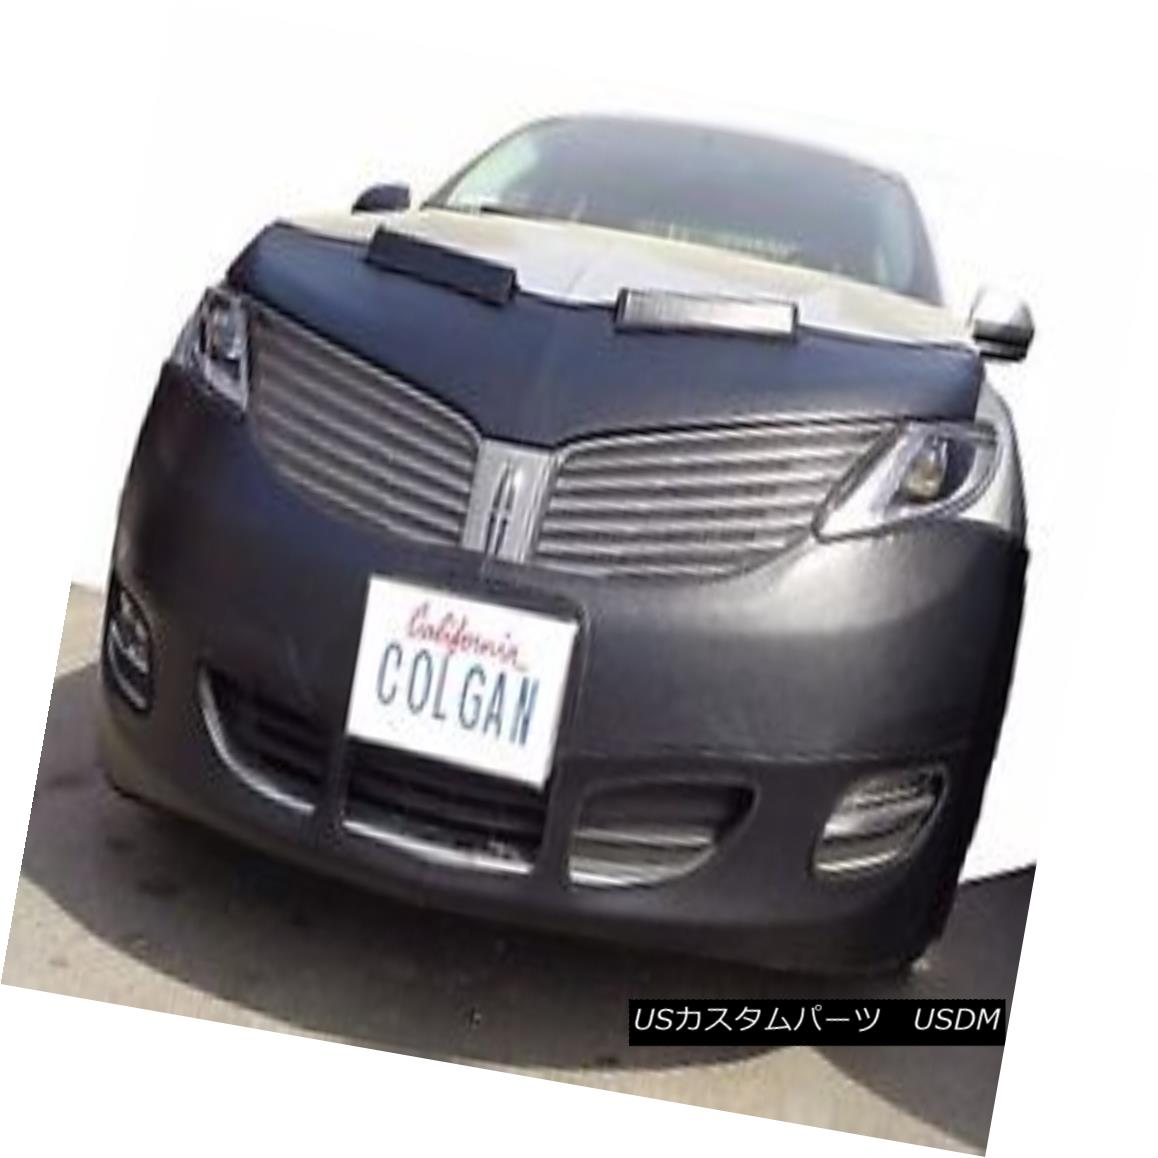 フルブラ ノーズブラ Colgan Front End Mask Bra 2pc. Fits Lincoln MKZ 2013-2016 W/License Plate コルガンフロントエンドマスクブラ2pc リンカーンMKZ 2013-2016 W /ライセンスプレートに適合